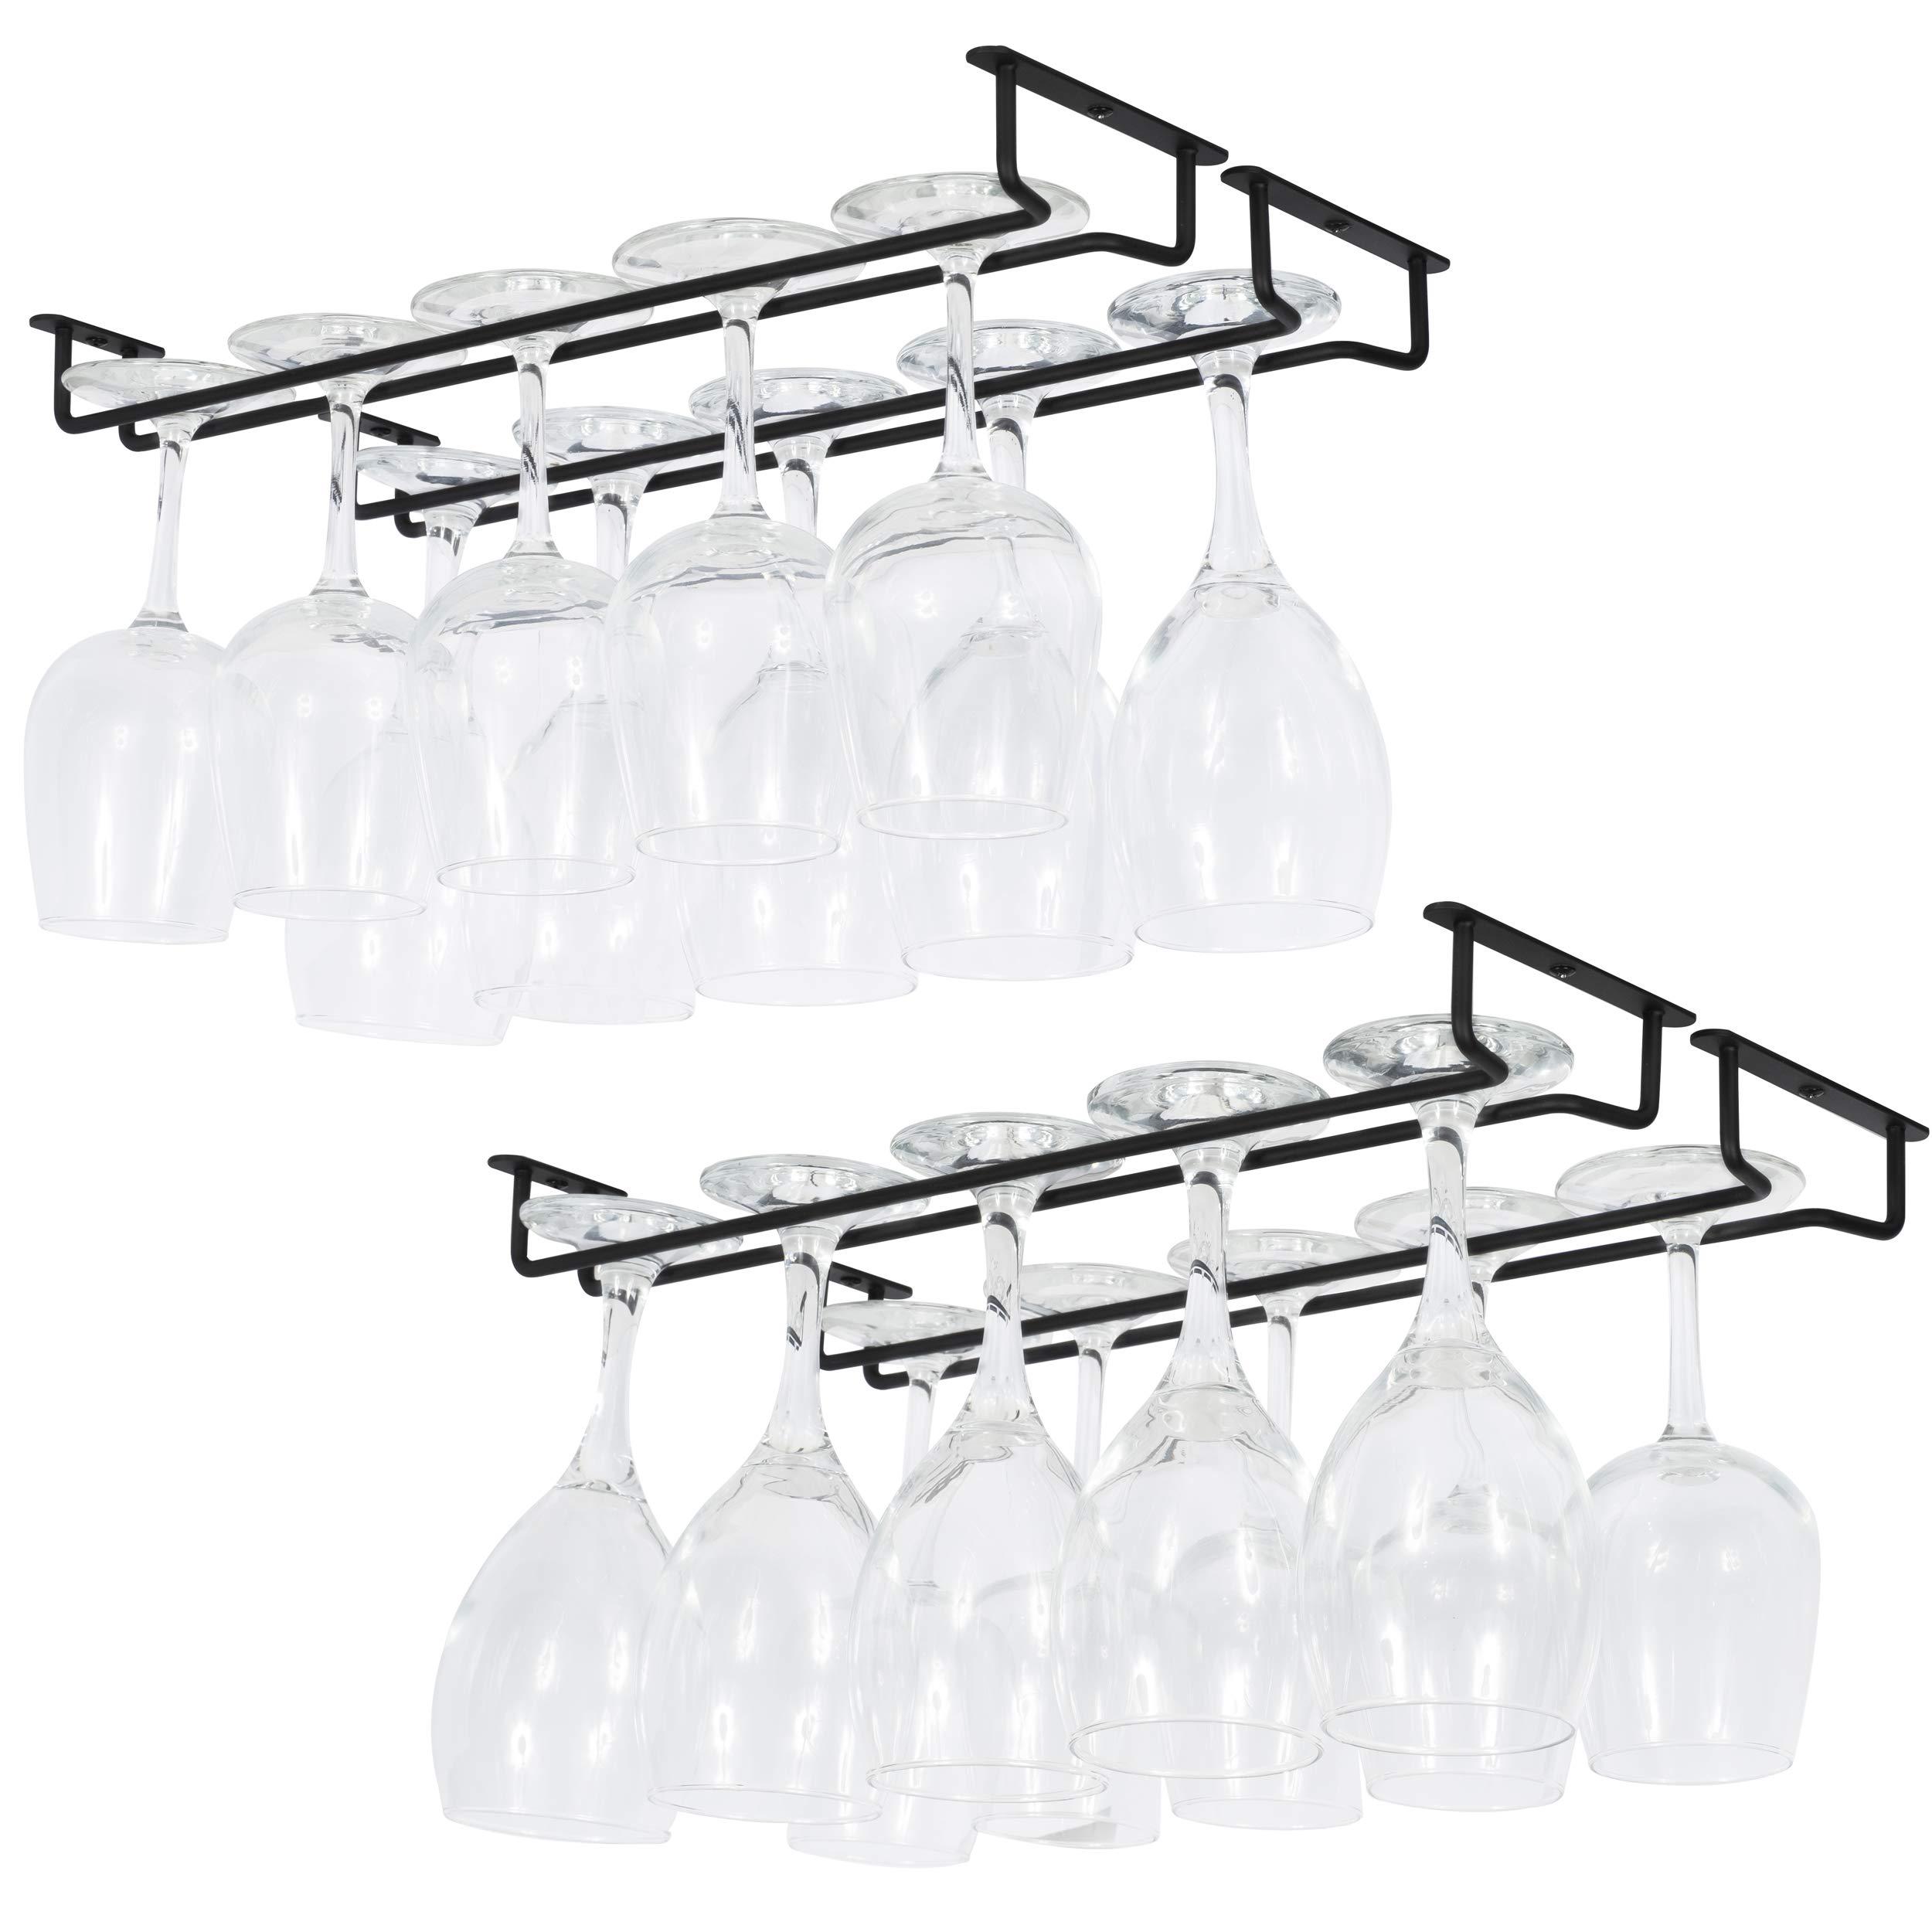 Wallniture Brix Large Stemware Wine Glass Hanger Rack Under Cabinet Kitchen Bar Storage Black Iron 17 Inch Set of 4 by Wallniture